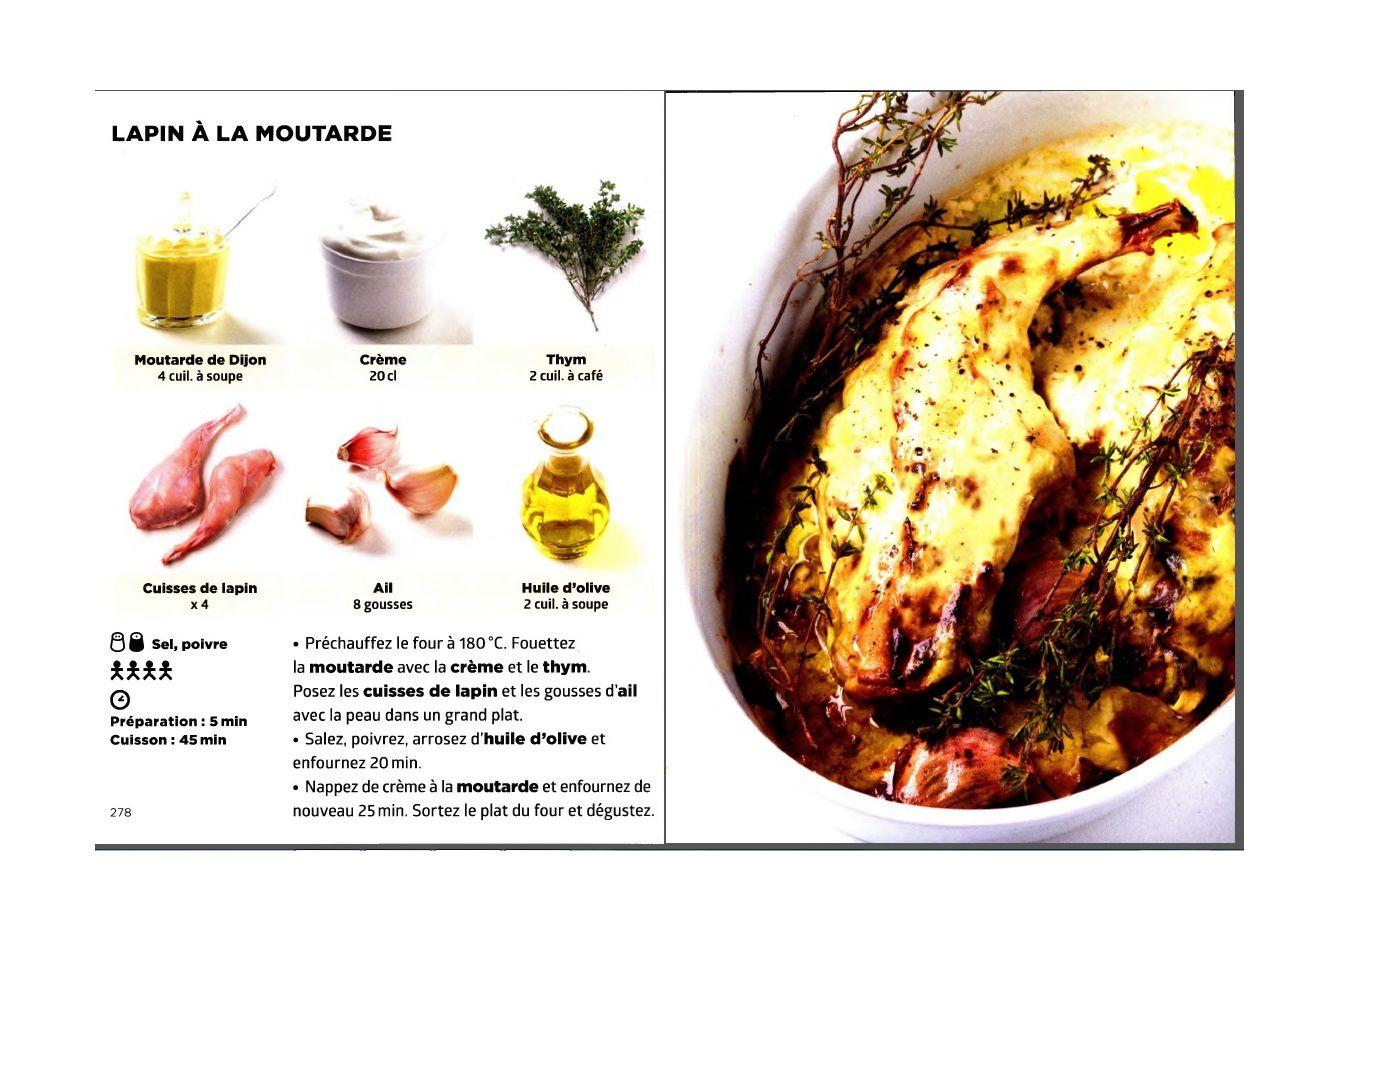 Simplissime Lapin A La Moutarde Lapin Aux Olives Recette Recette Lapin